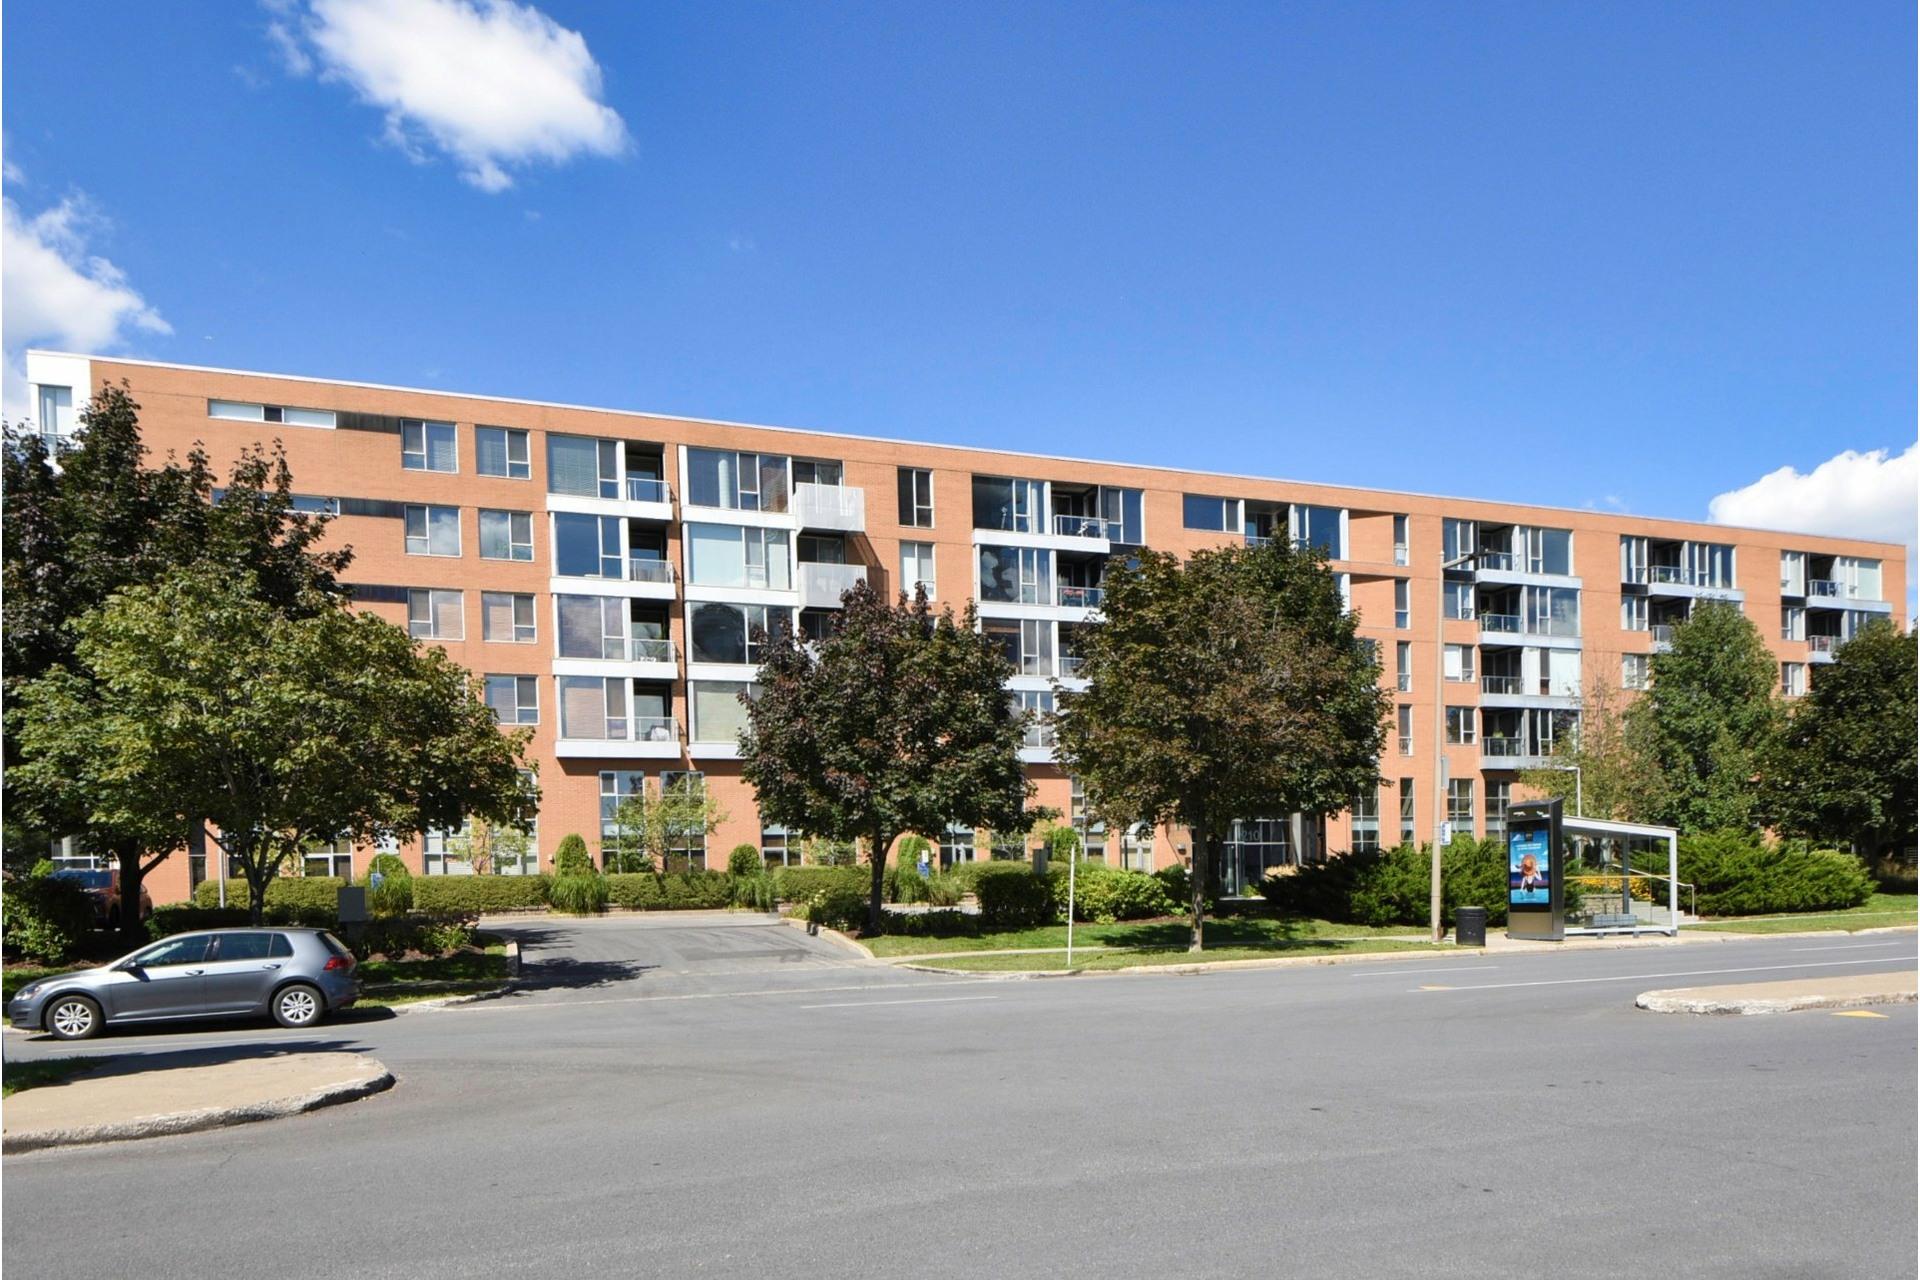 image 20 - Appartement À louer Verdun/Île-des-Soeurs Montréal  - 6 pièces